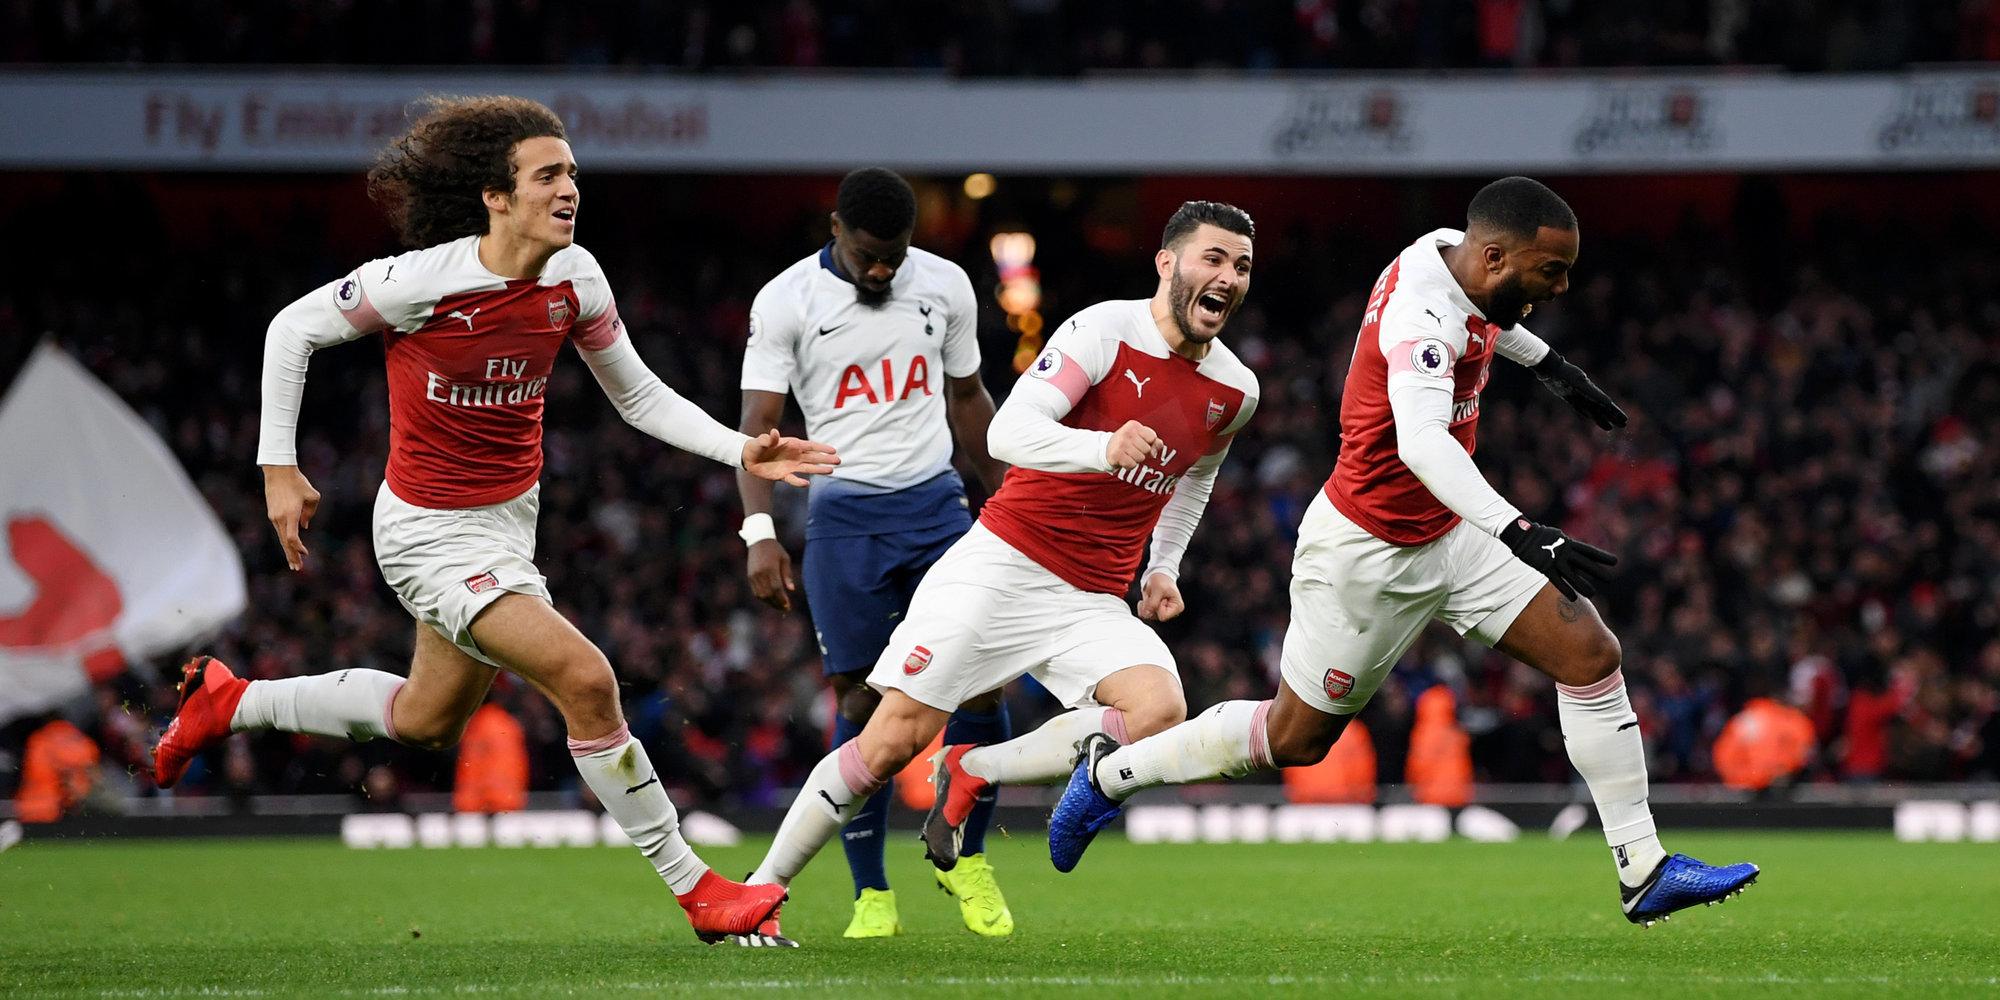 Арсенал тоттенхэм игра в феврале